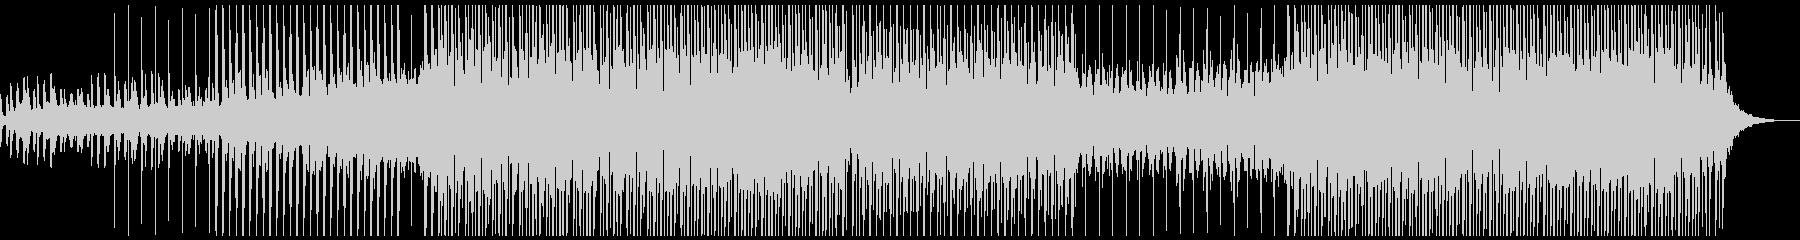 ドリーミーポップの未再生の波形